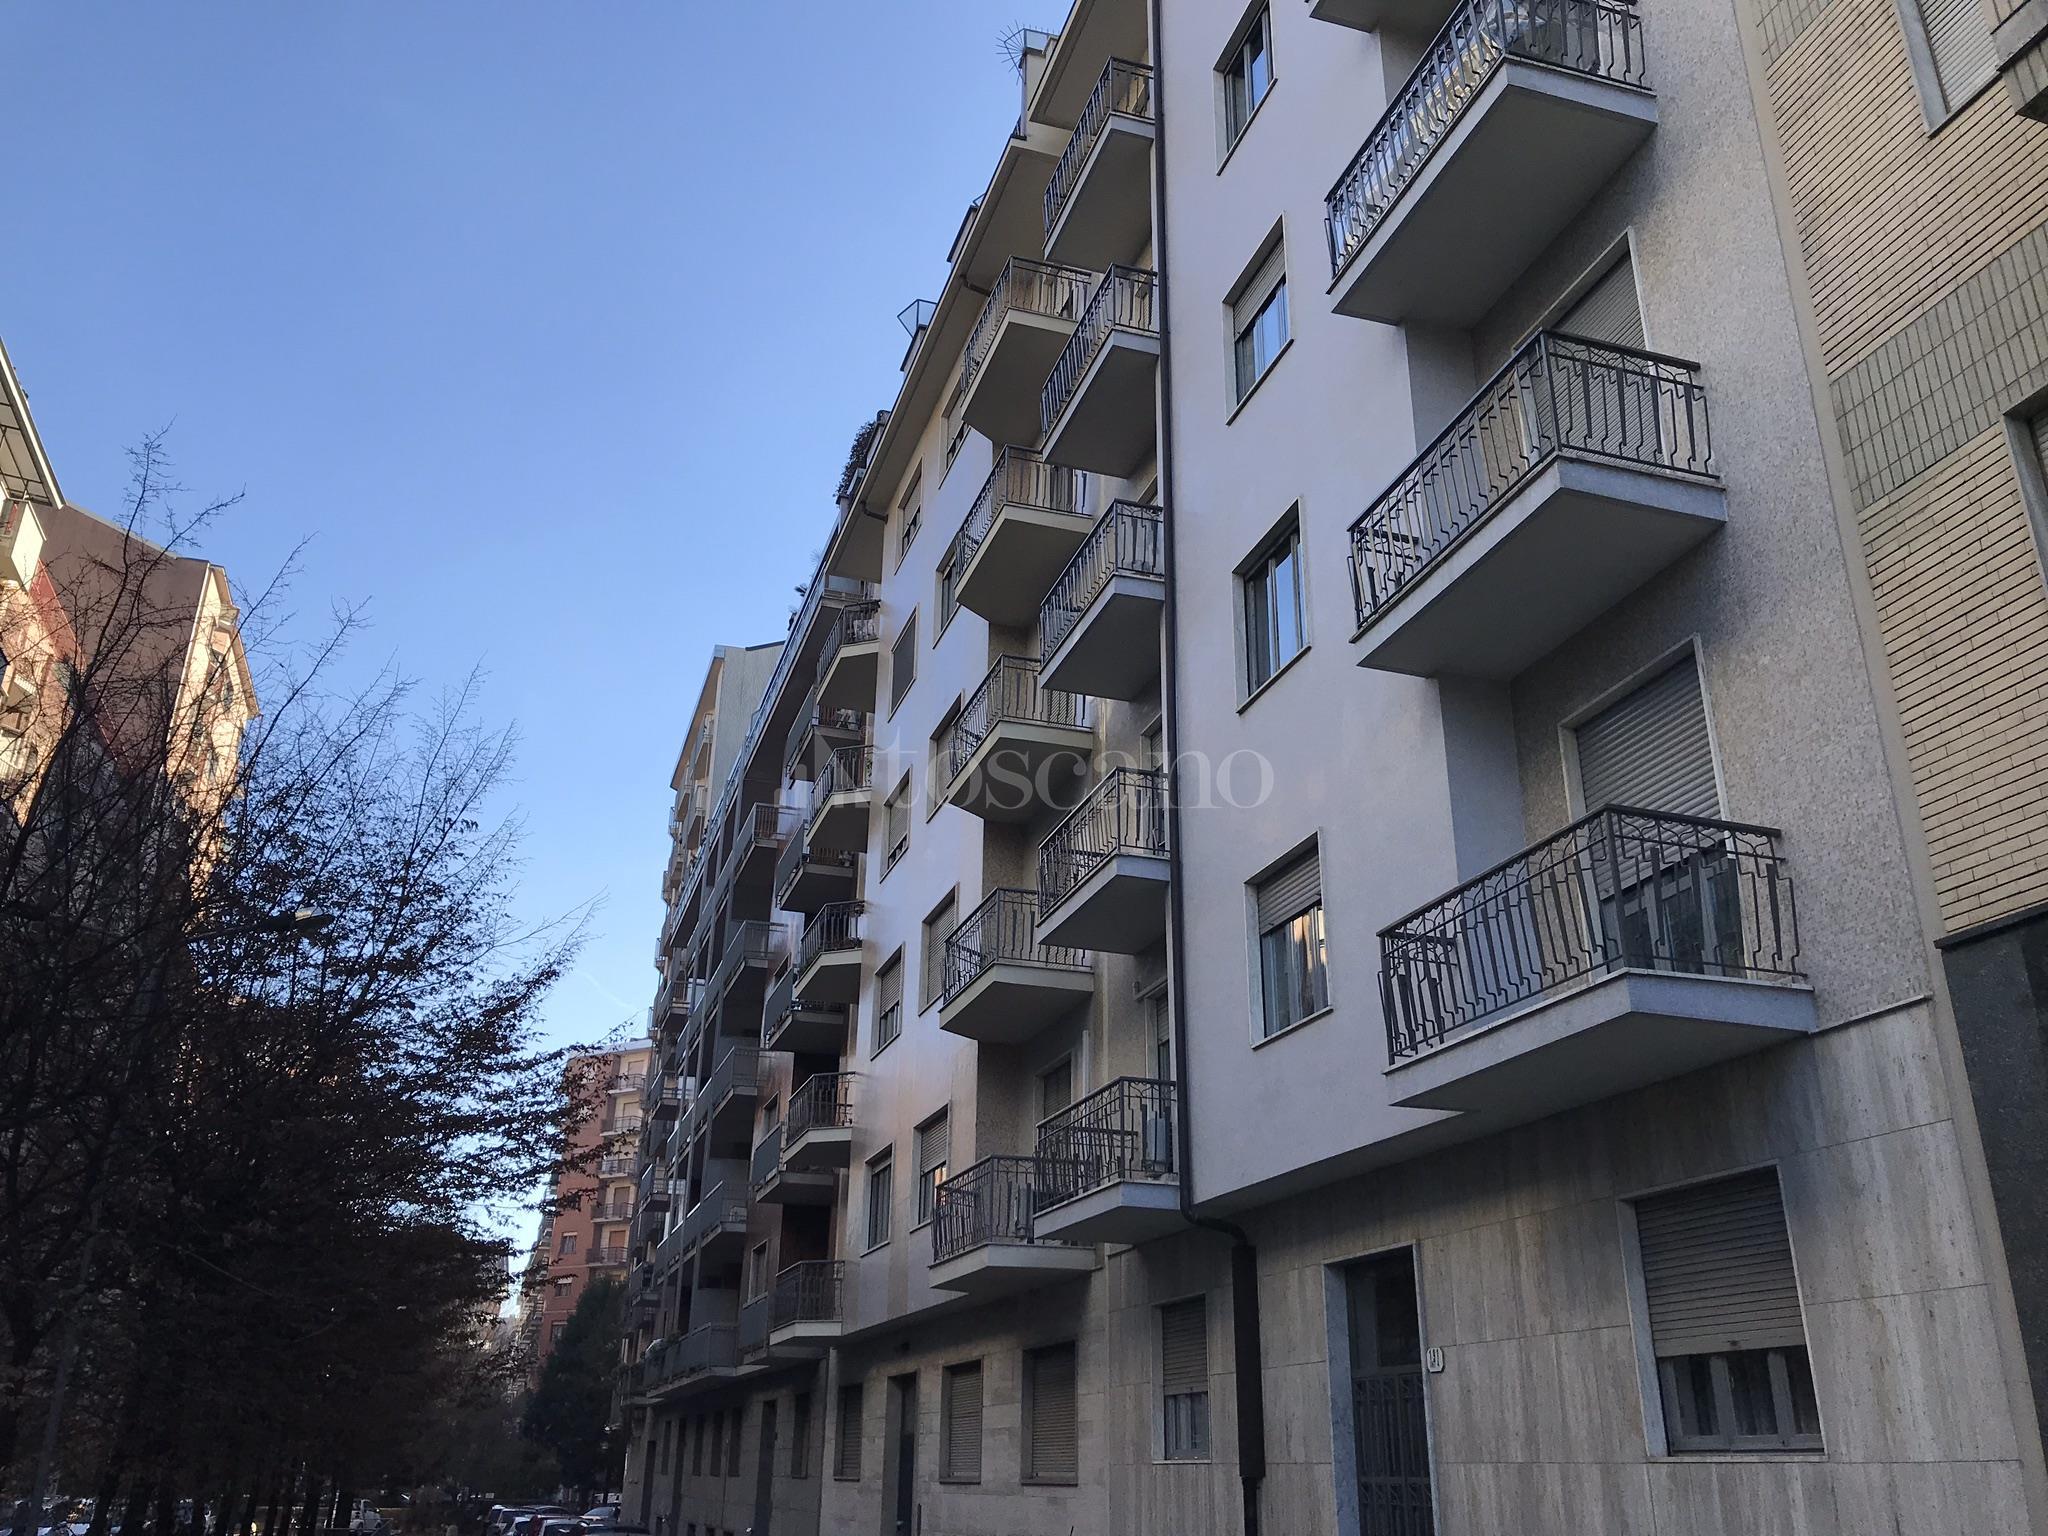 La Credenza Orbassano : Ufficio casa orbassano villetta bifamiliare in vendita via